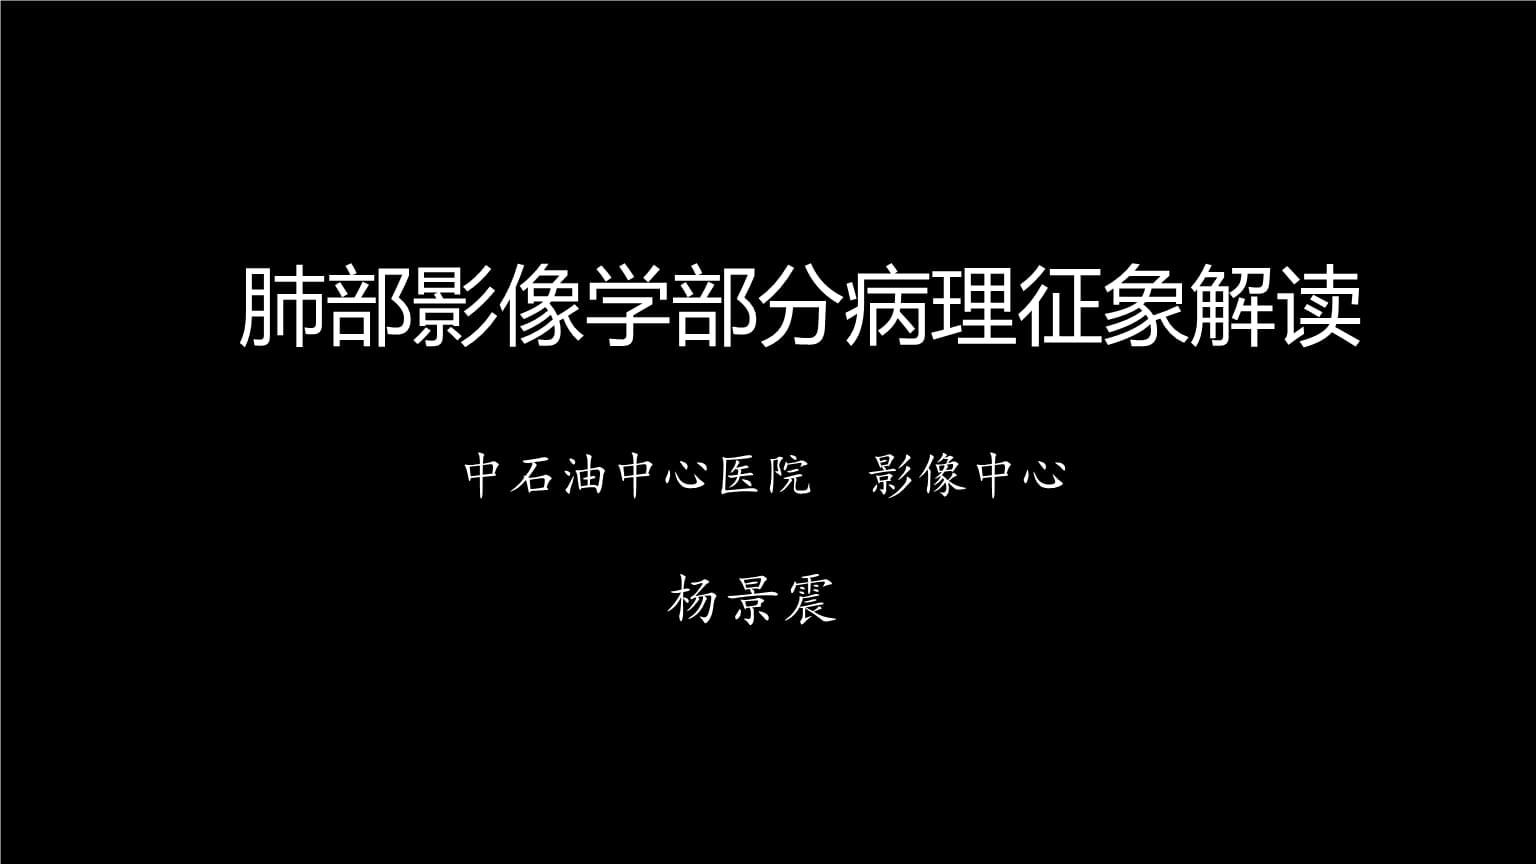 医学影像-肺部影像学部分病理征象解读.pptx